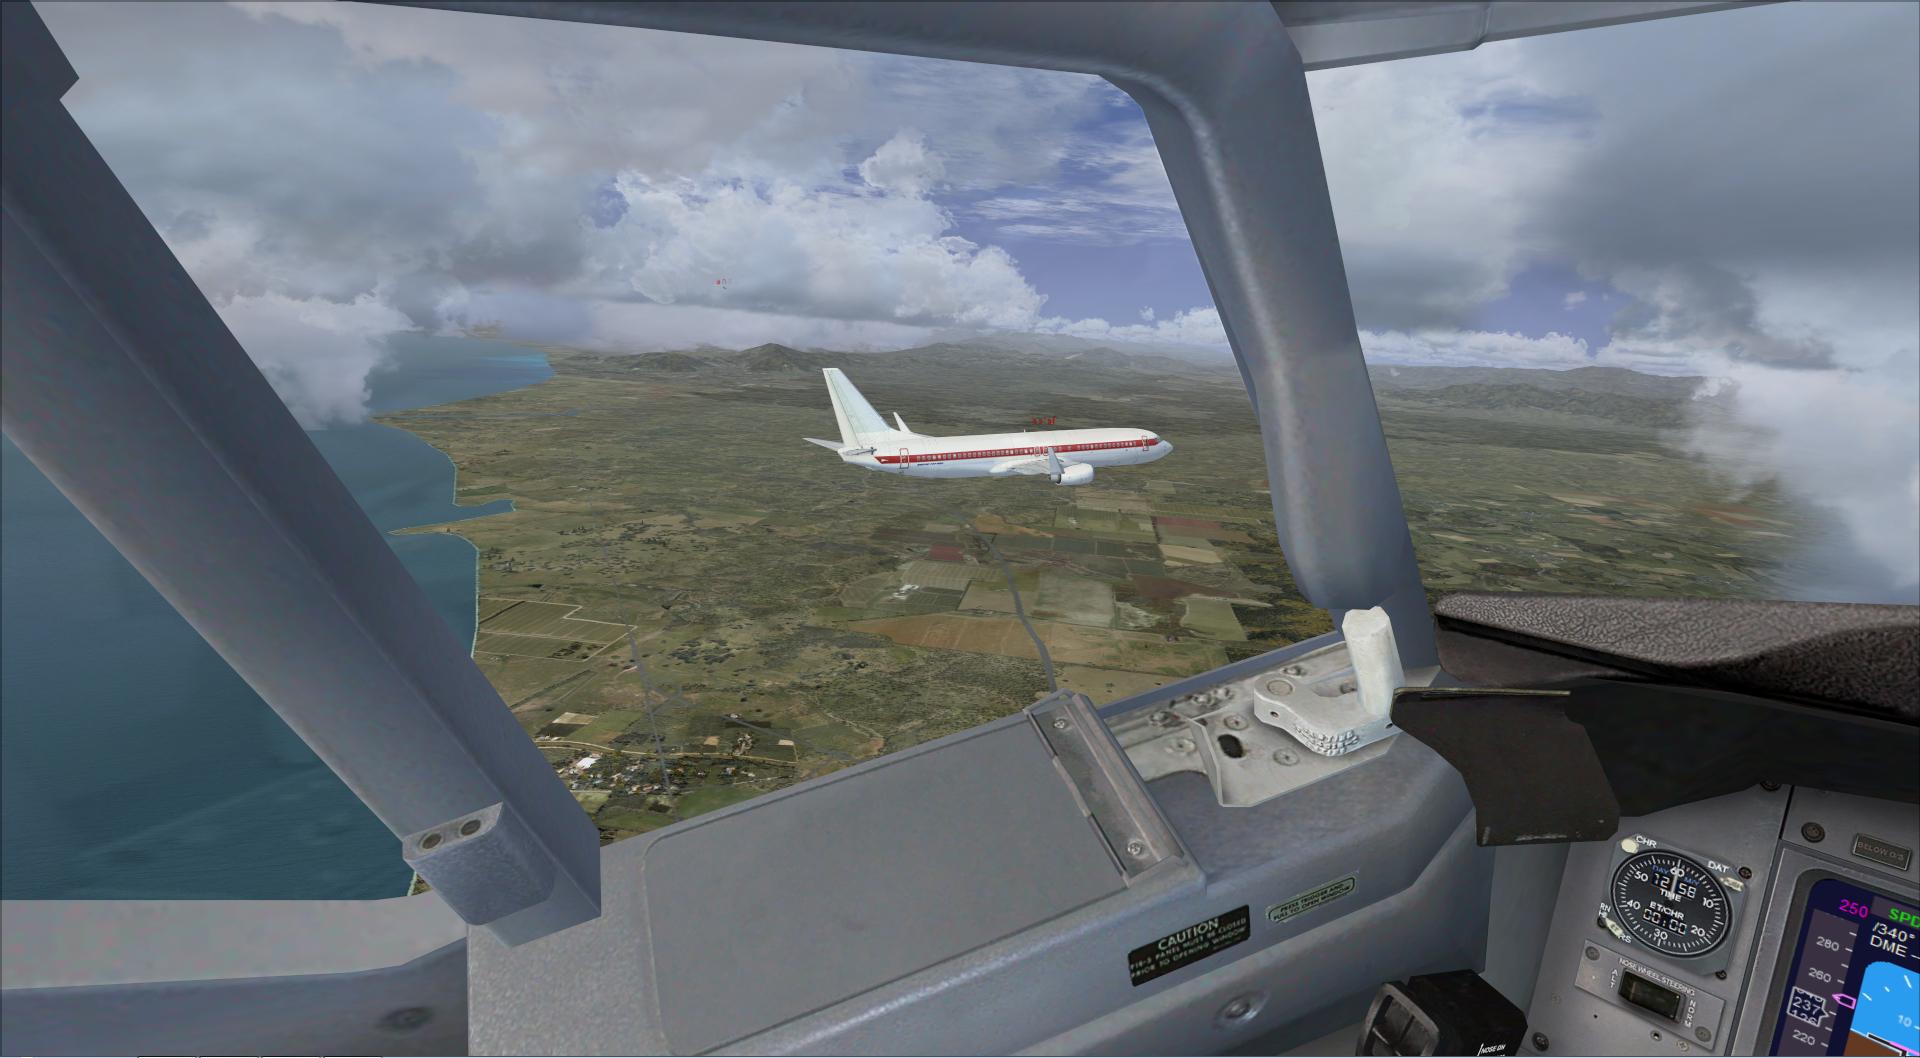 Compte rendu de ce vol patrouille en linear super vol du 23 10 2014 en 737 824892201410232209384